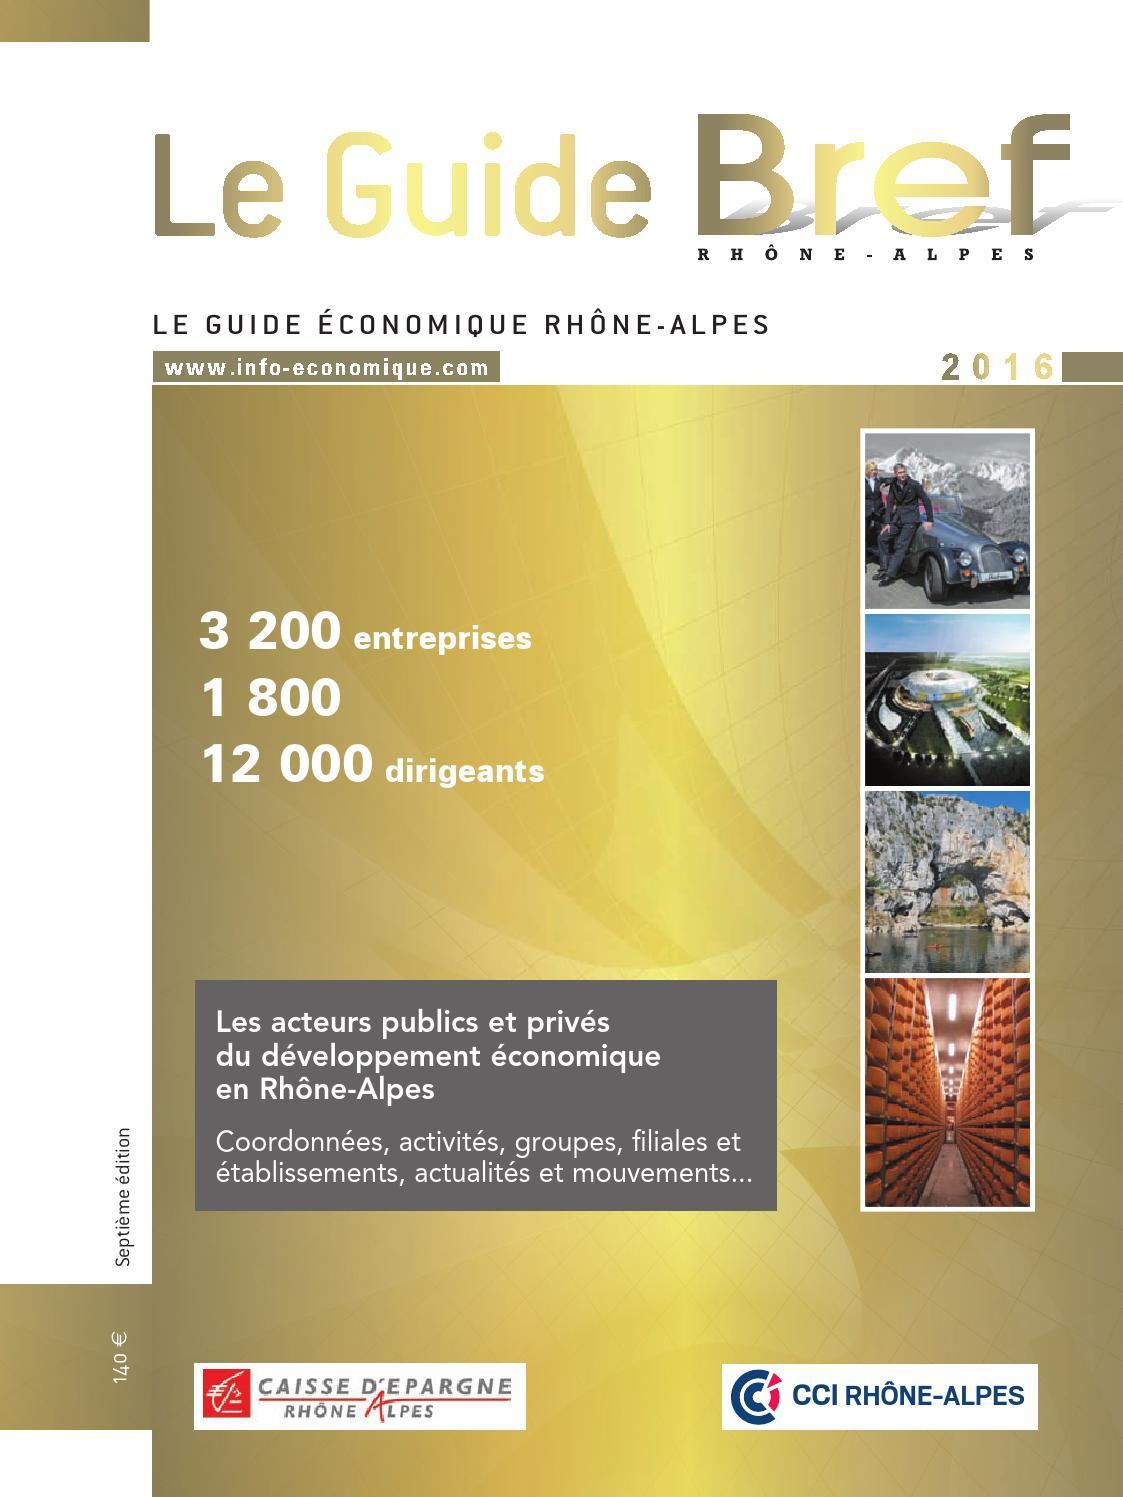 Fabricant De Gabion Rhone Alpes guide economique bref rhone-alpes auvergne 2016 (extrait)